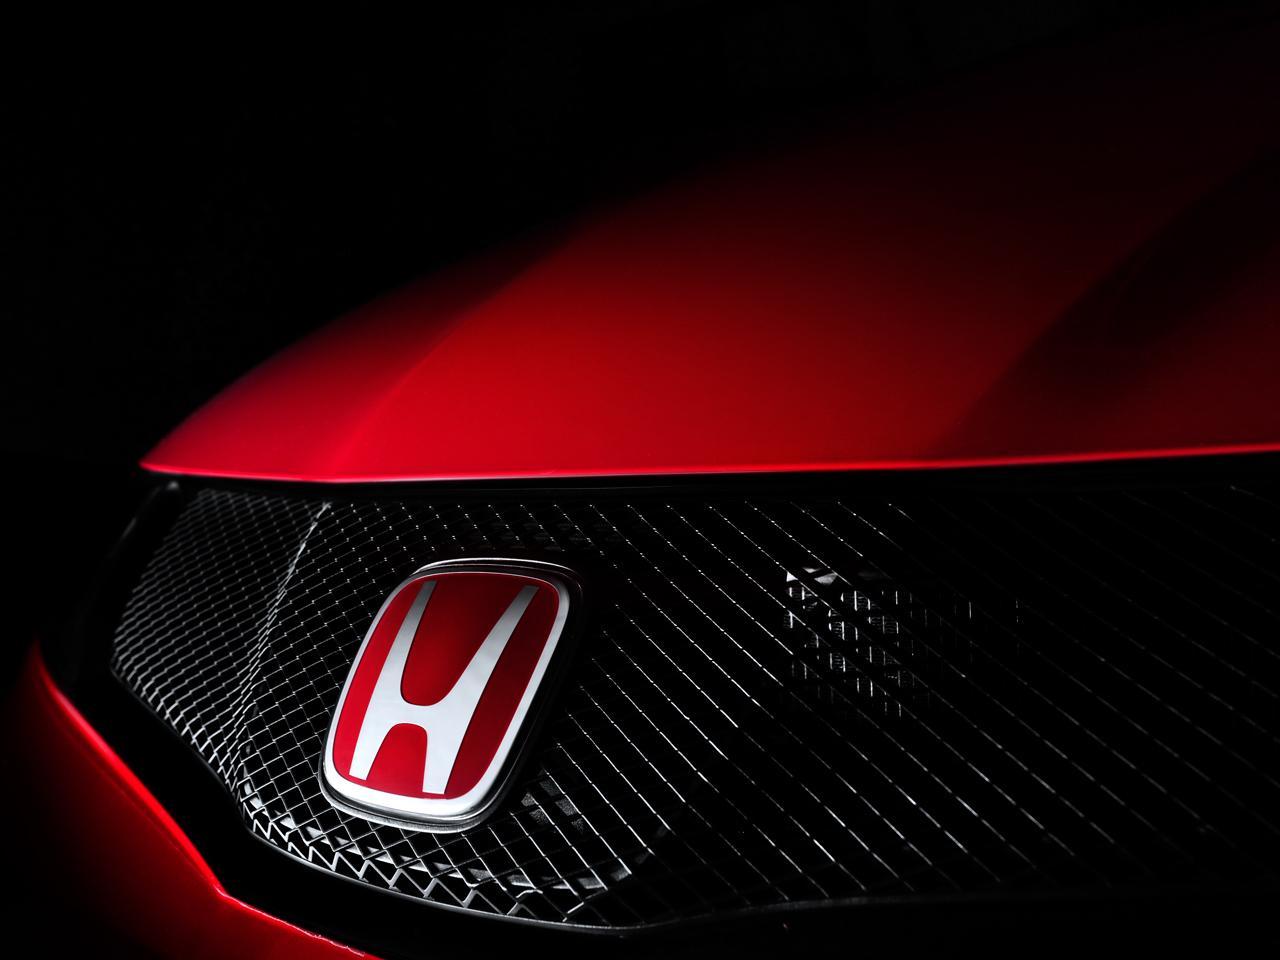 Honda-Logo-Symbol-Wallpapers